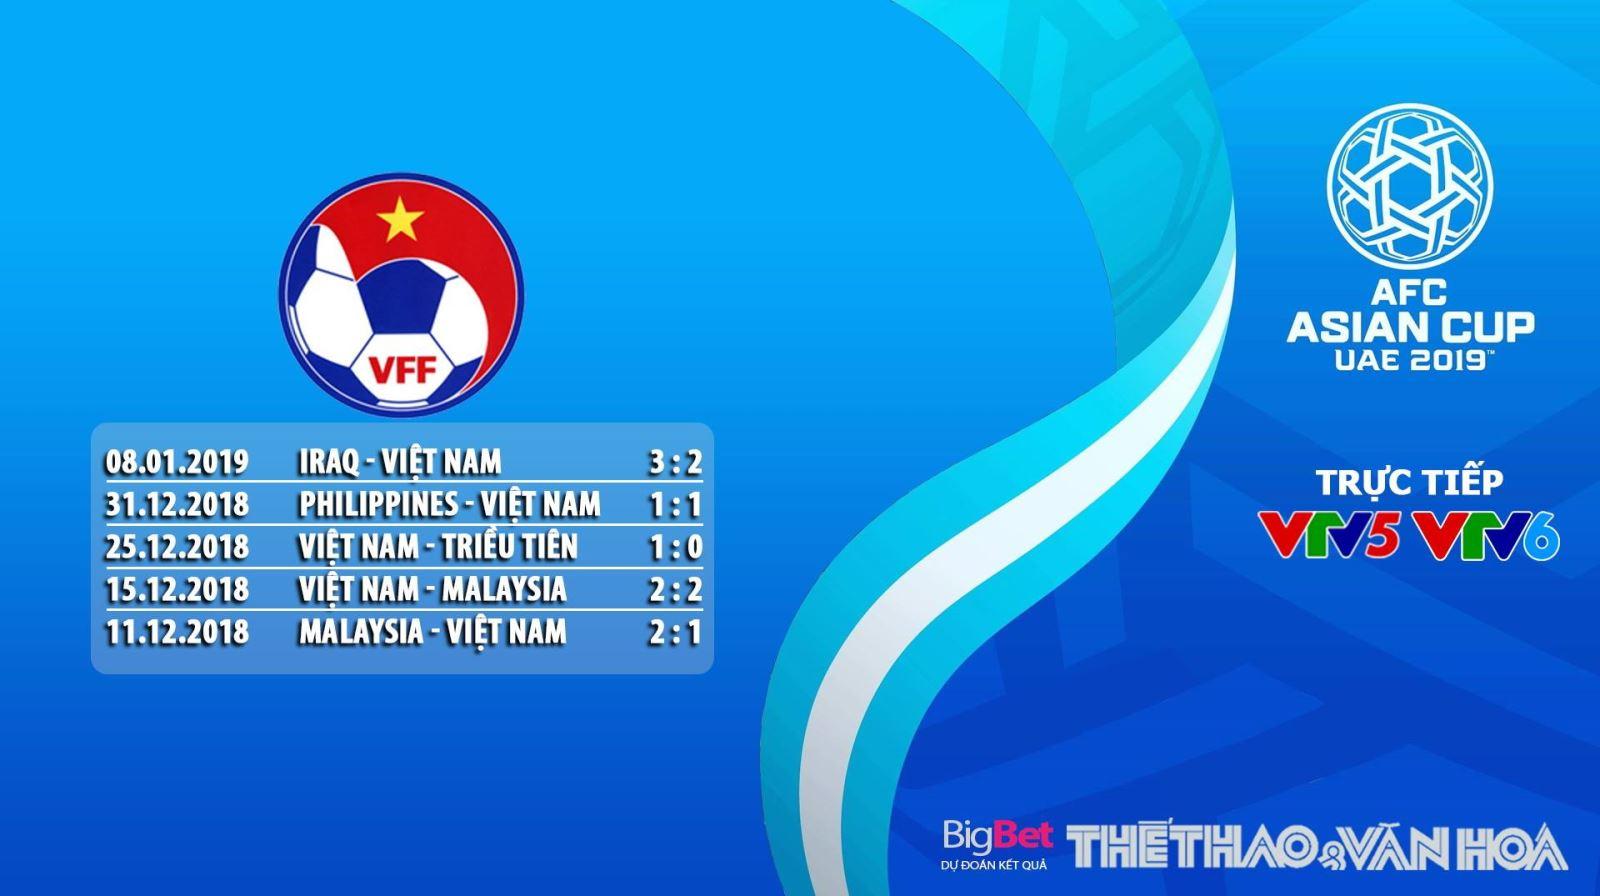 VTV6, VTV5, Trực tiếp bóng đá, Truc tiep bong da VTV6, Soi kèo Việt Nam vs Iran, kèo Việt Nam vs Iran, dự đoán bóng đá Việt Nam vs Iran, trực tiếp Việt Nam vs Iran, xem bong da